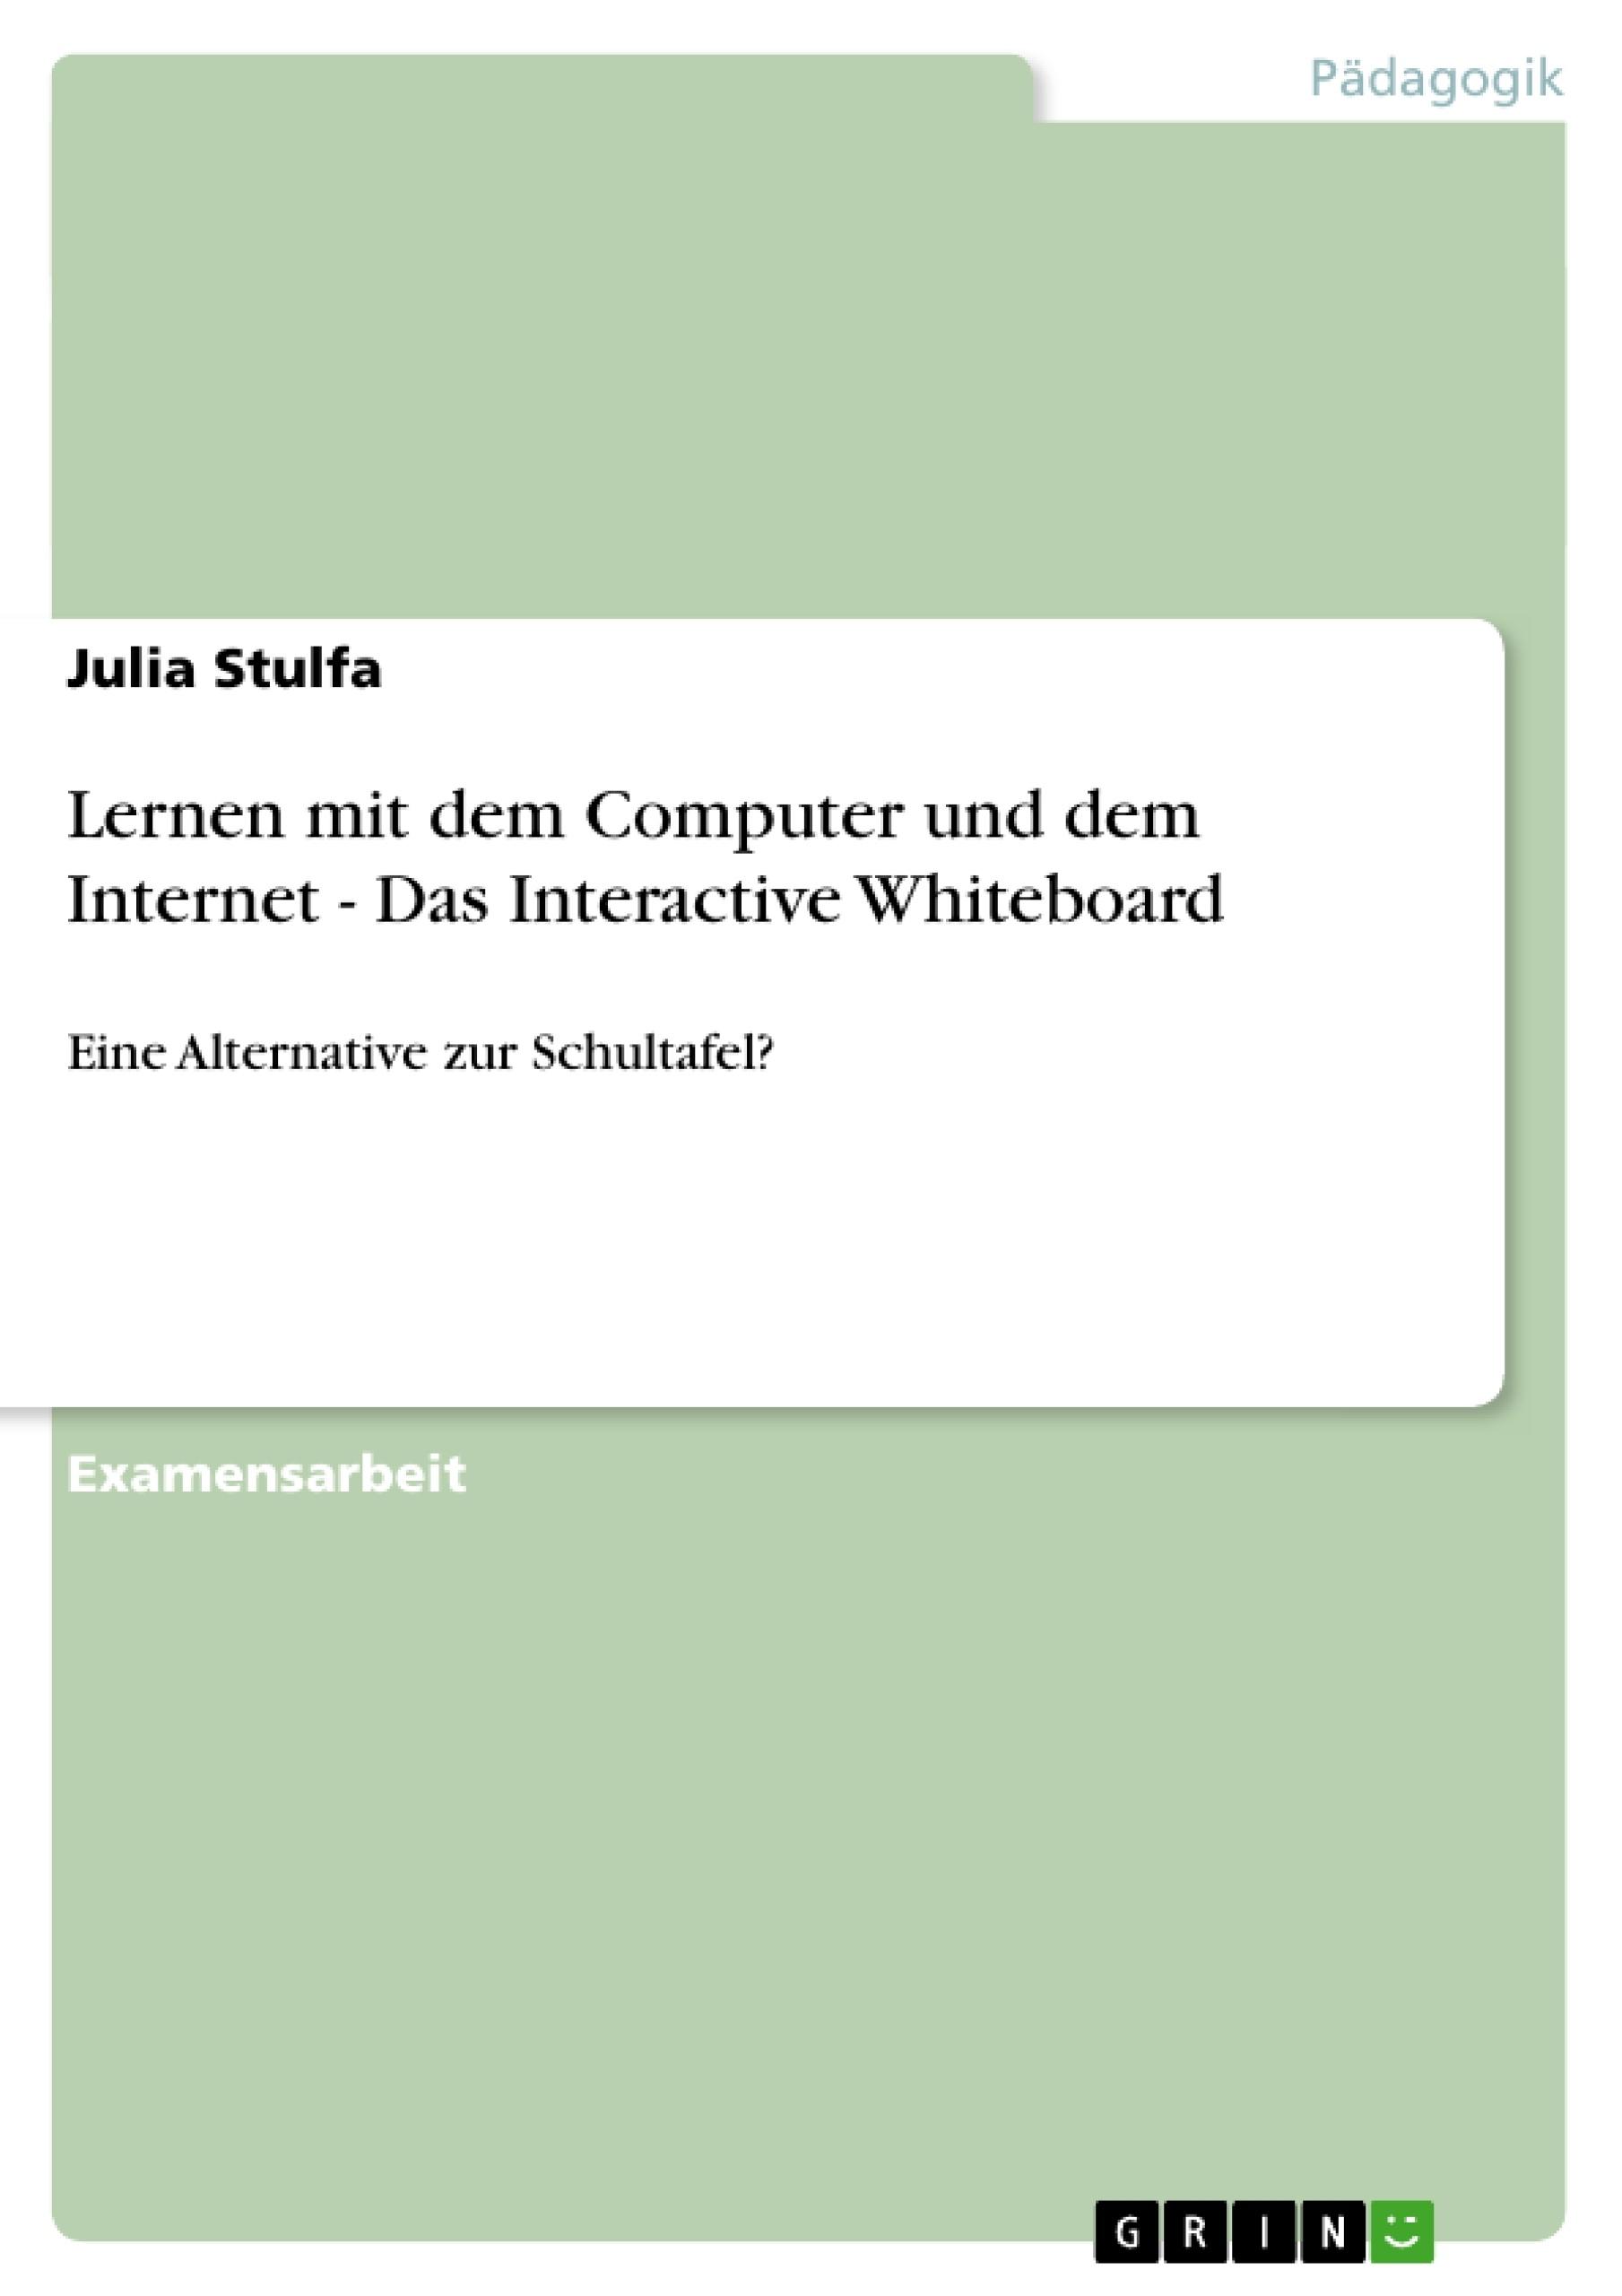 Titel: Lernen mit dem Computer und dem Internet. Das Interactive Whiteboard.